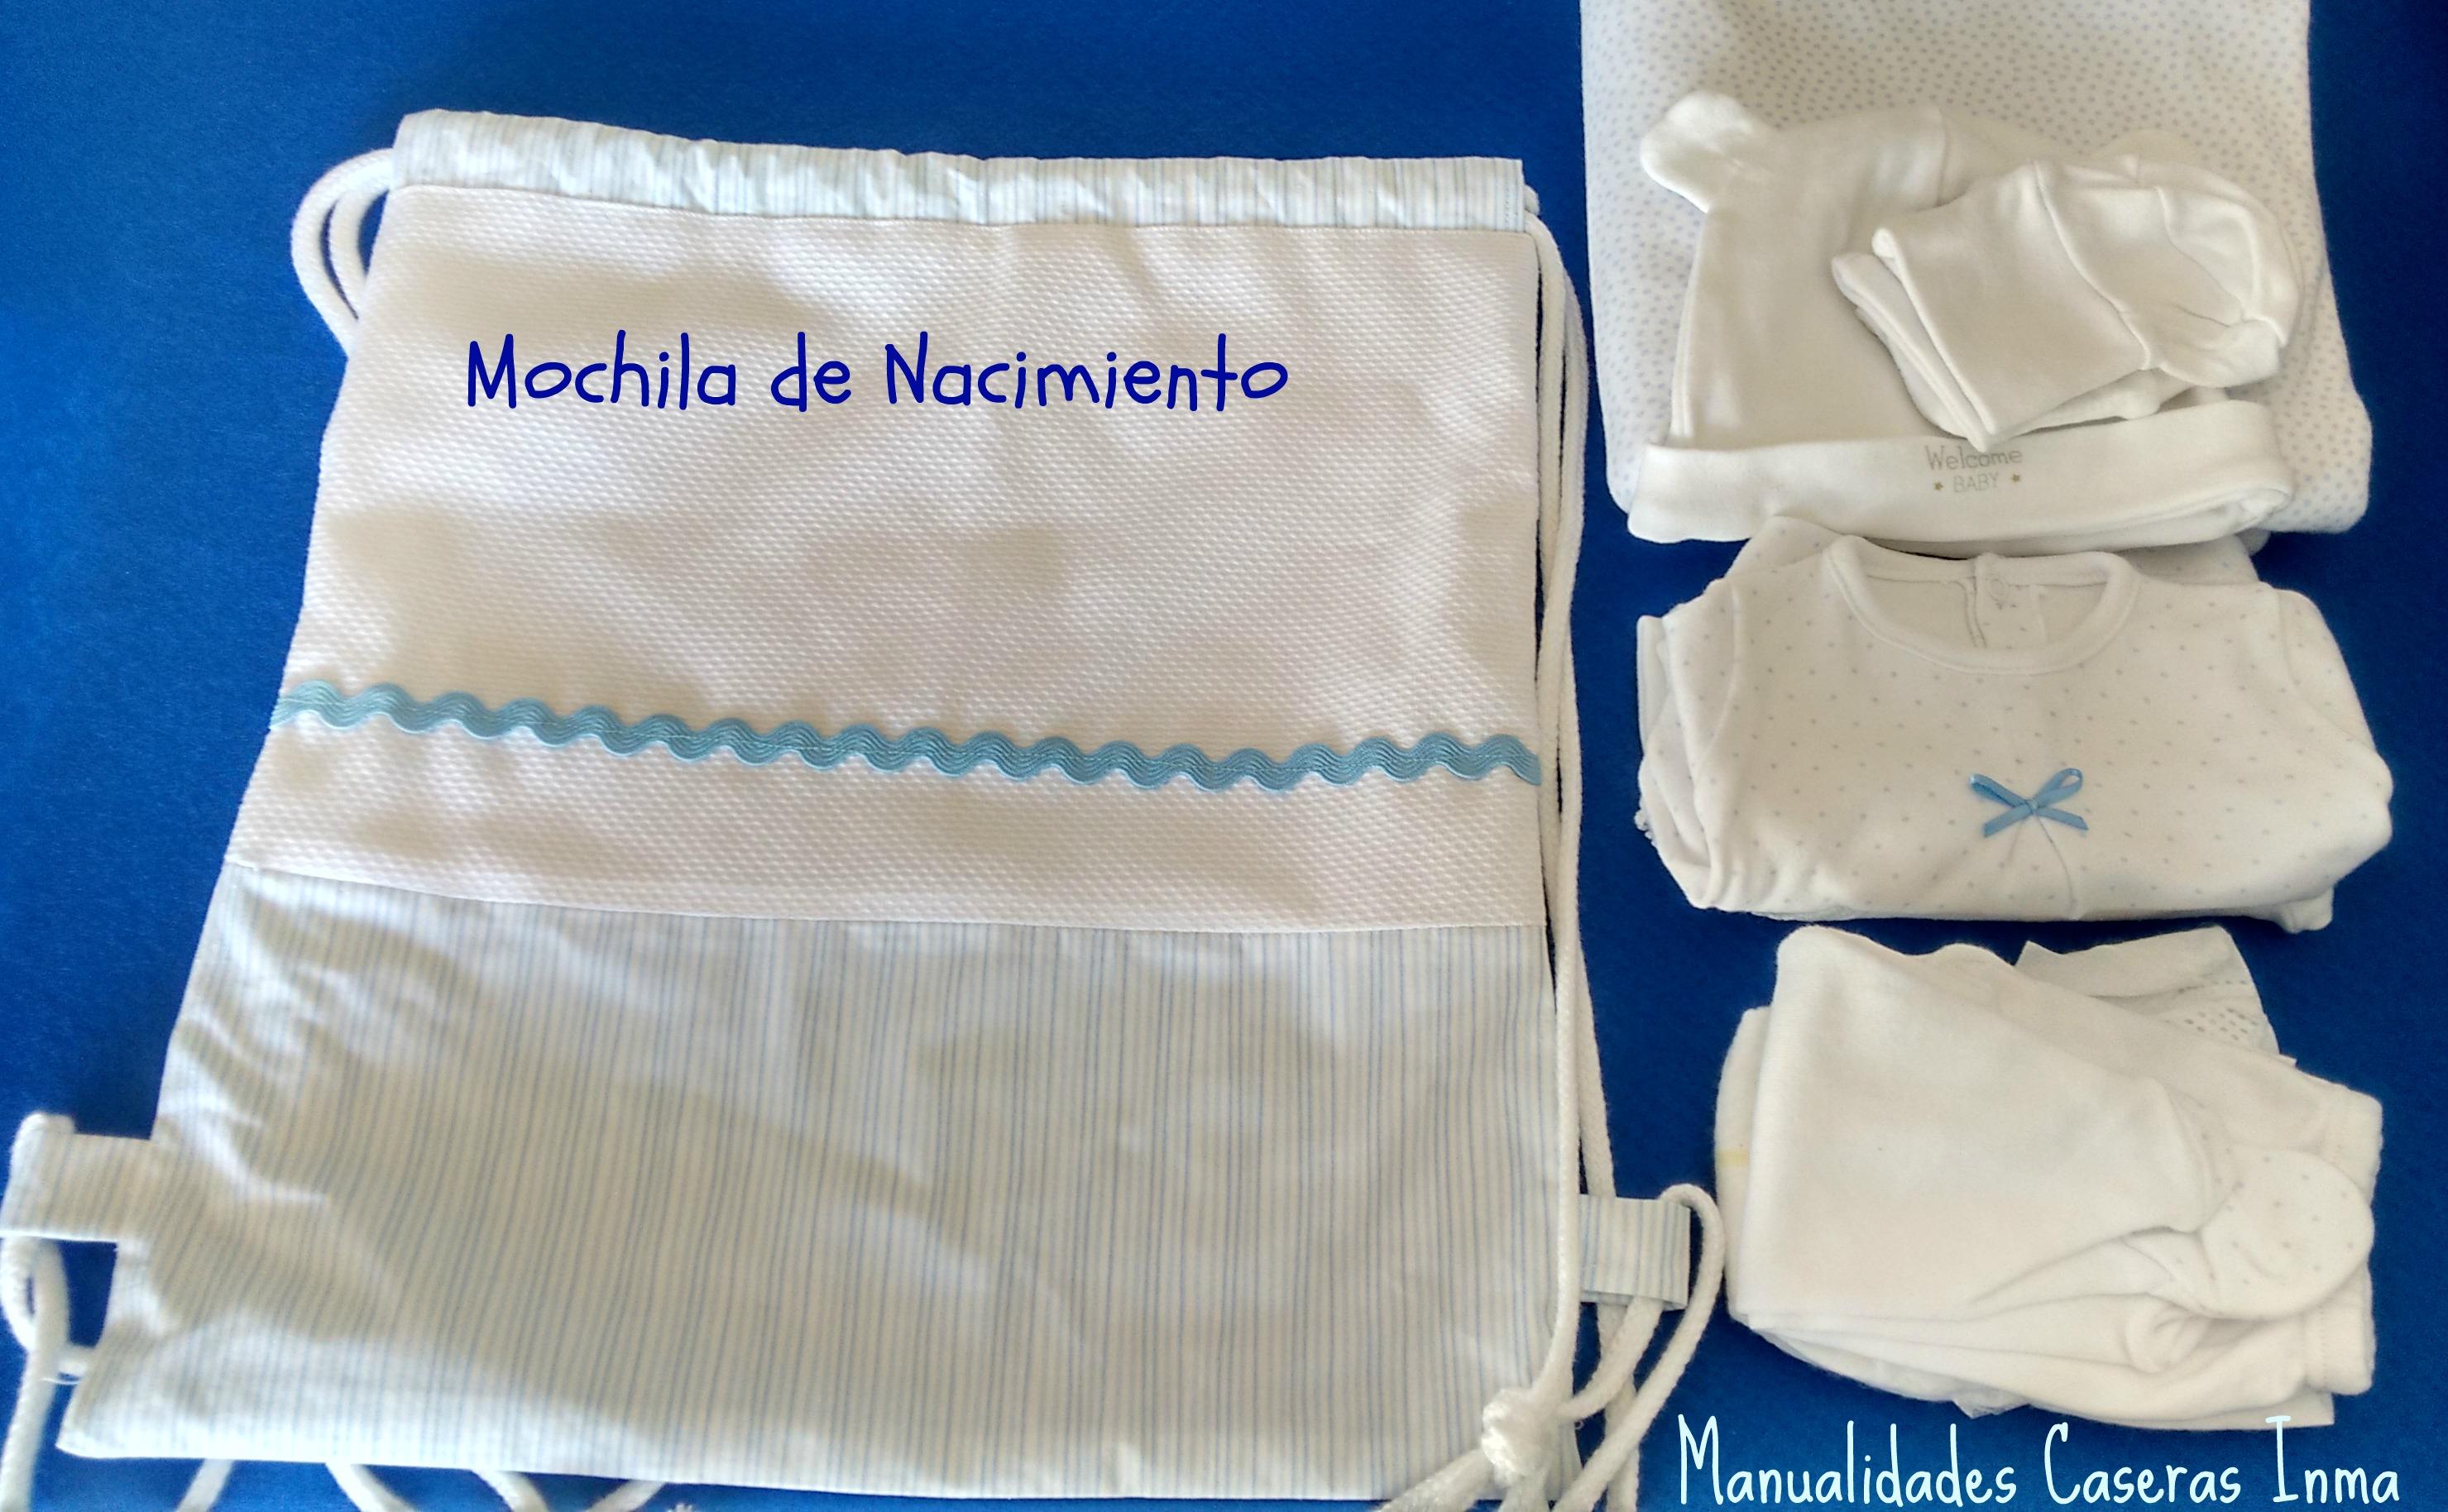 Manualidades Caseras Inma _Regalos para mellizos_Mochila nacimiento